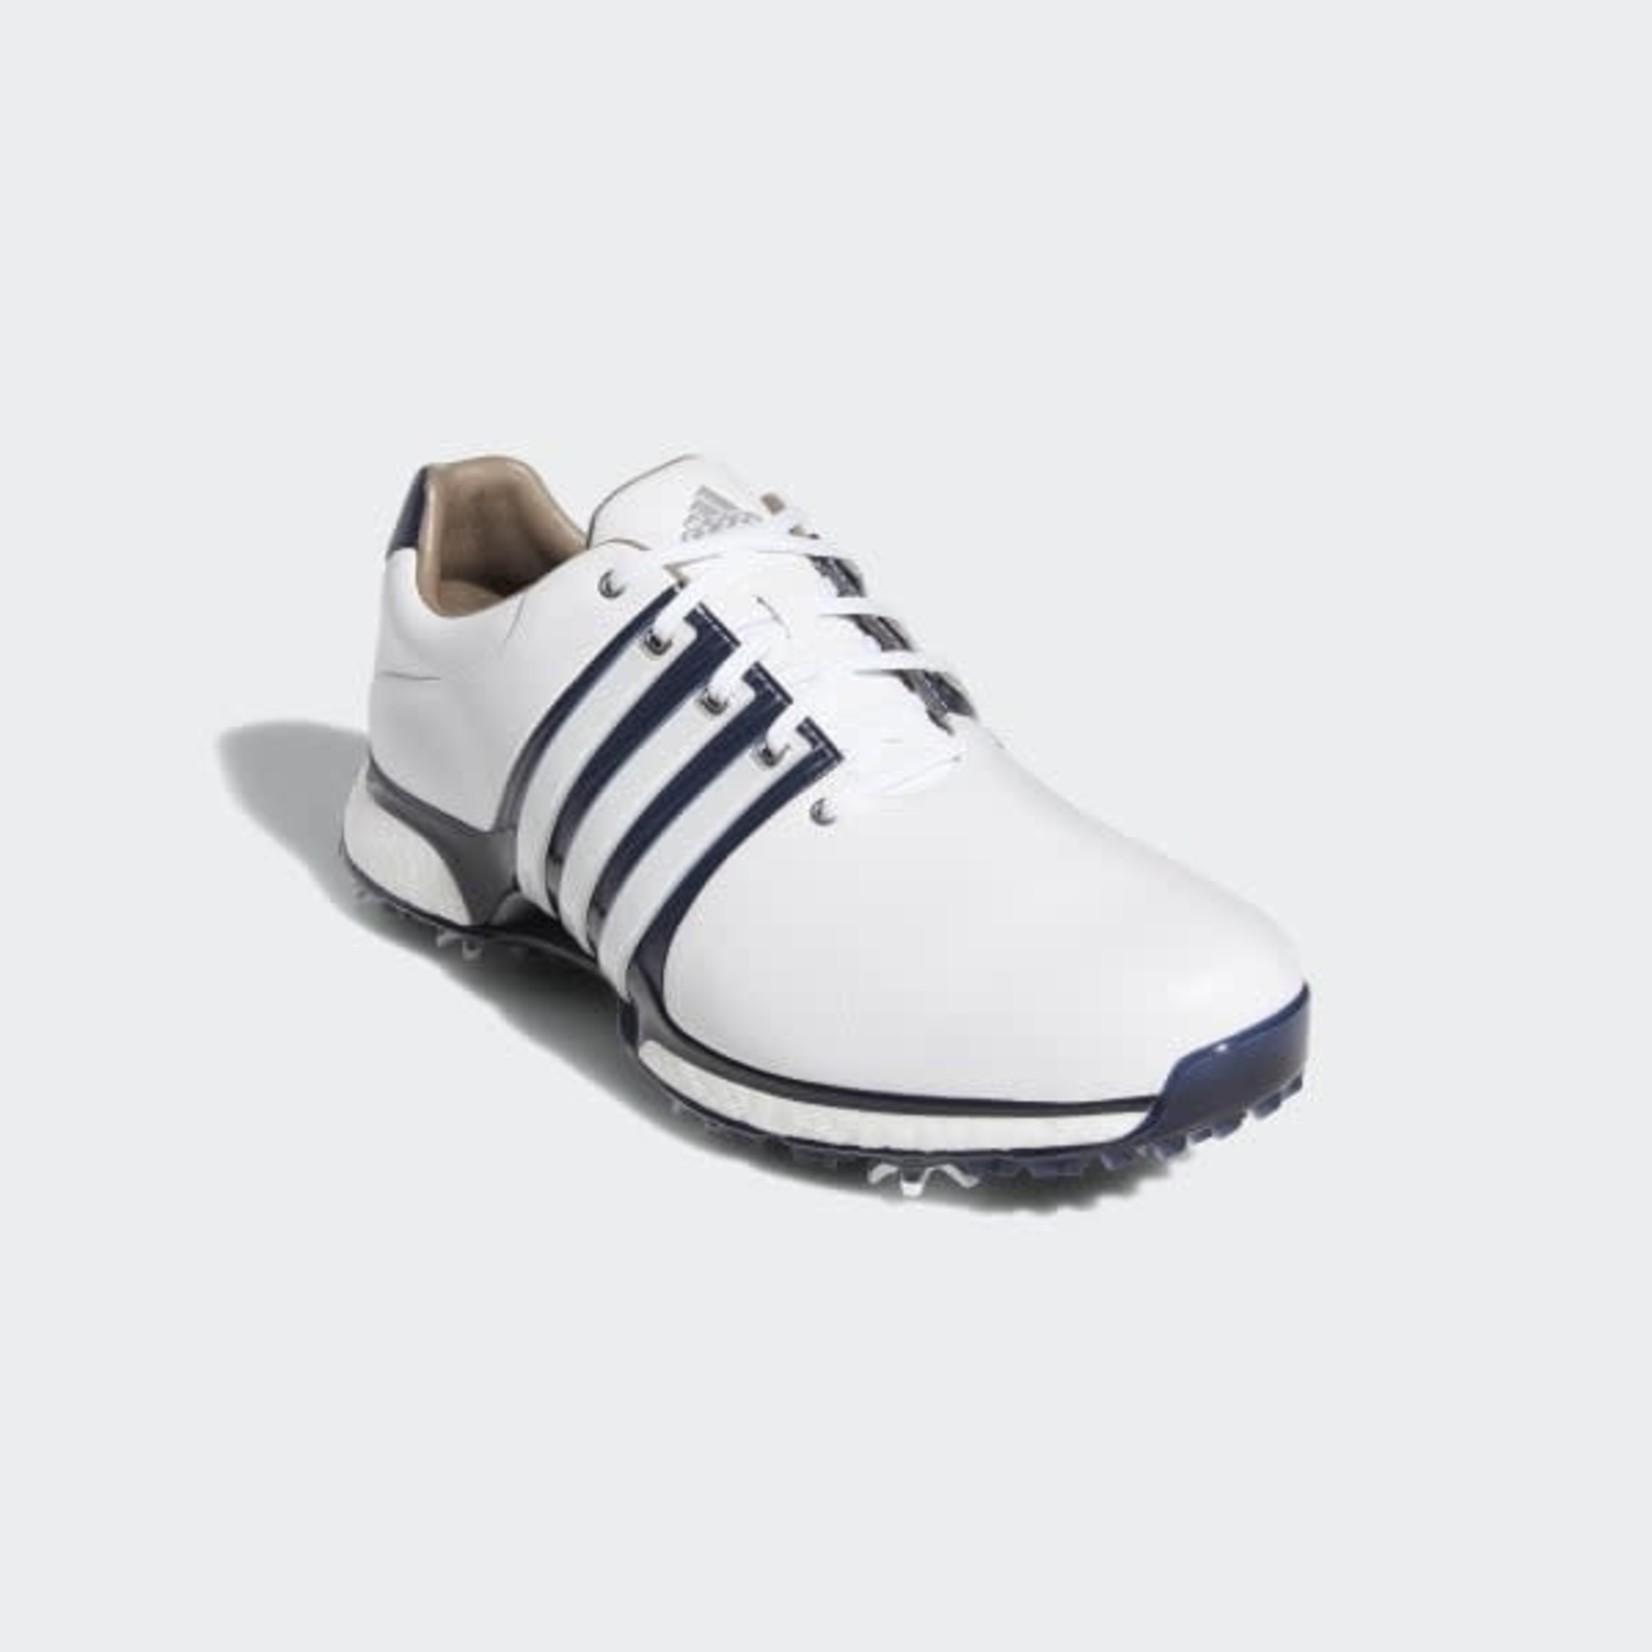 Adidas Adidas TOUR360 XT (Wide) White/Navy UK: 9 / EU : 43,3